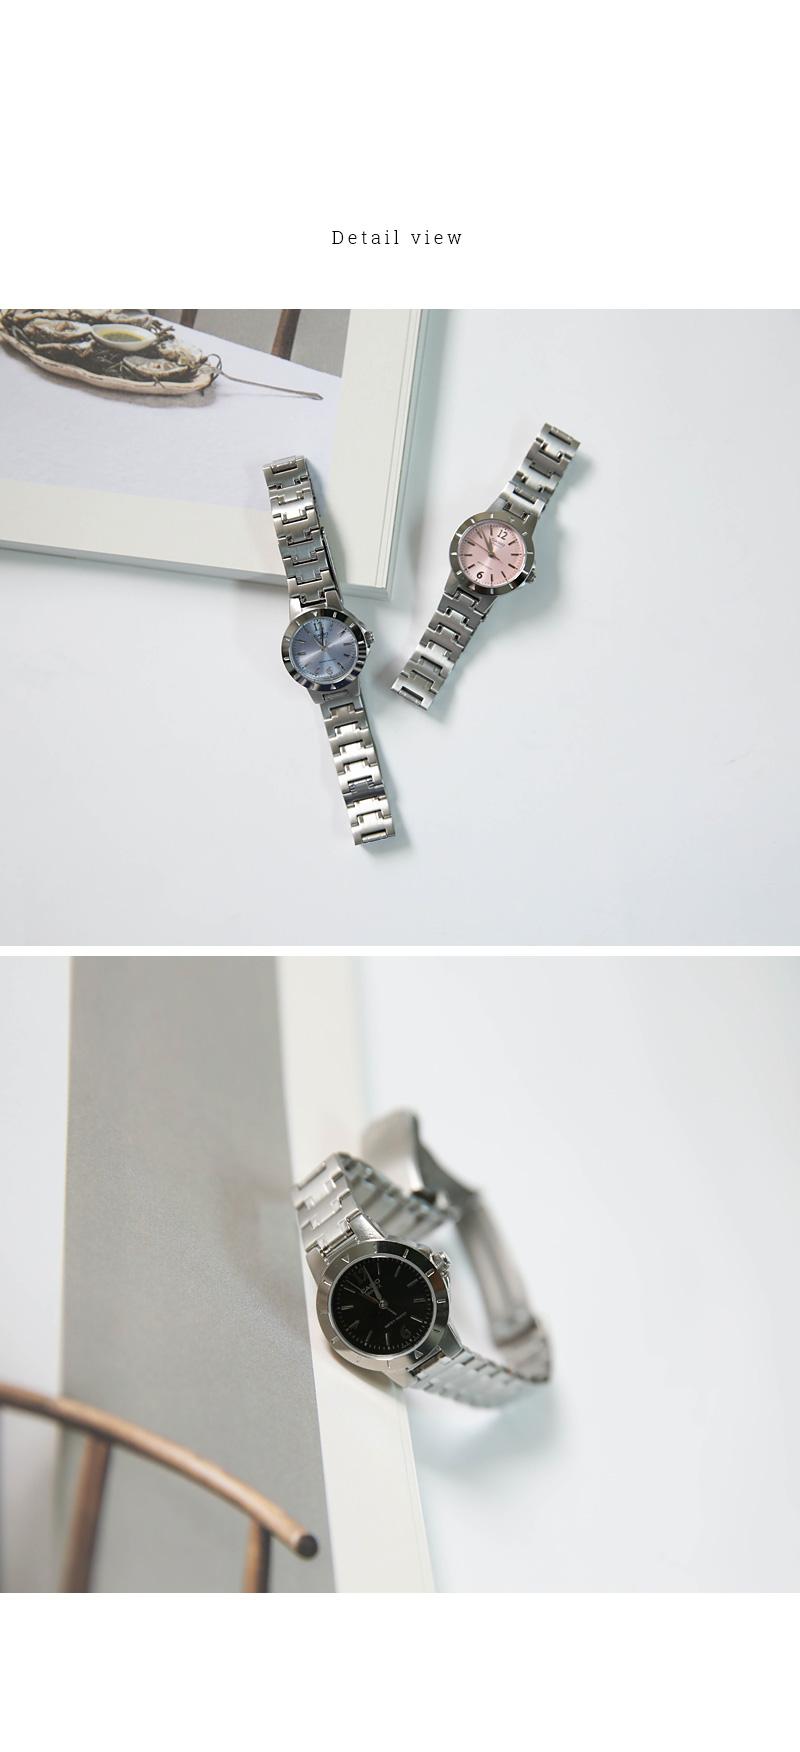 Casio Round Metal Watch